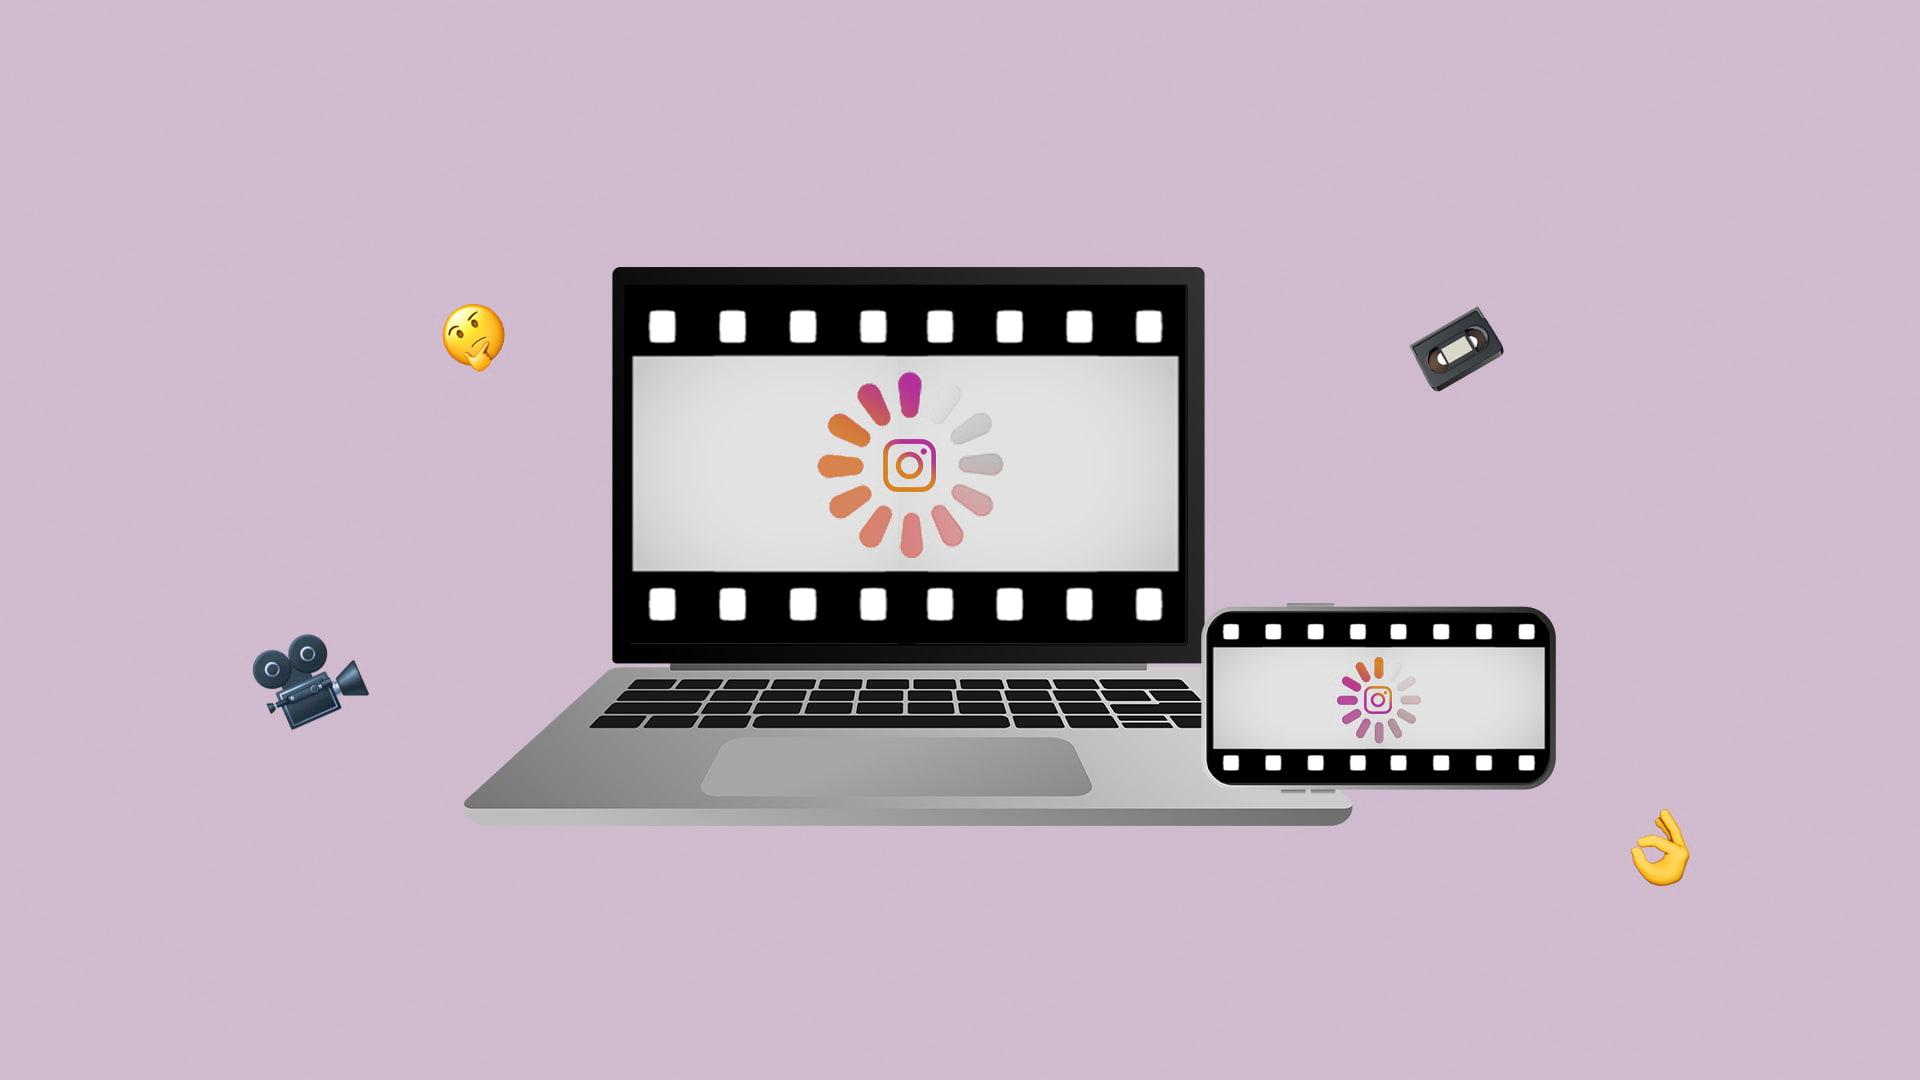 Как опубликовать видео в Инстаграм с компьютера и со смартфона: 5 способов